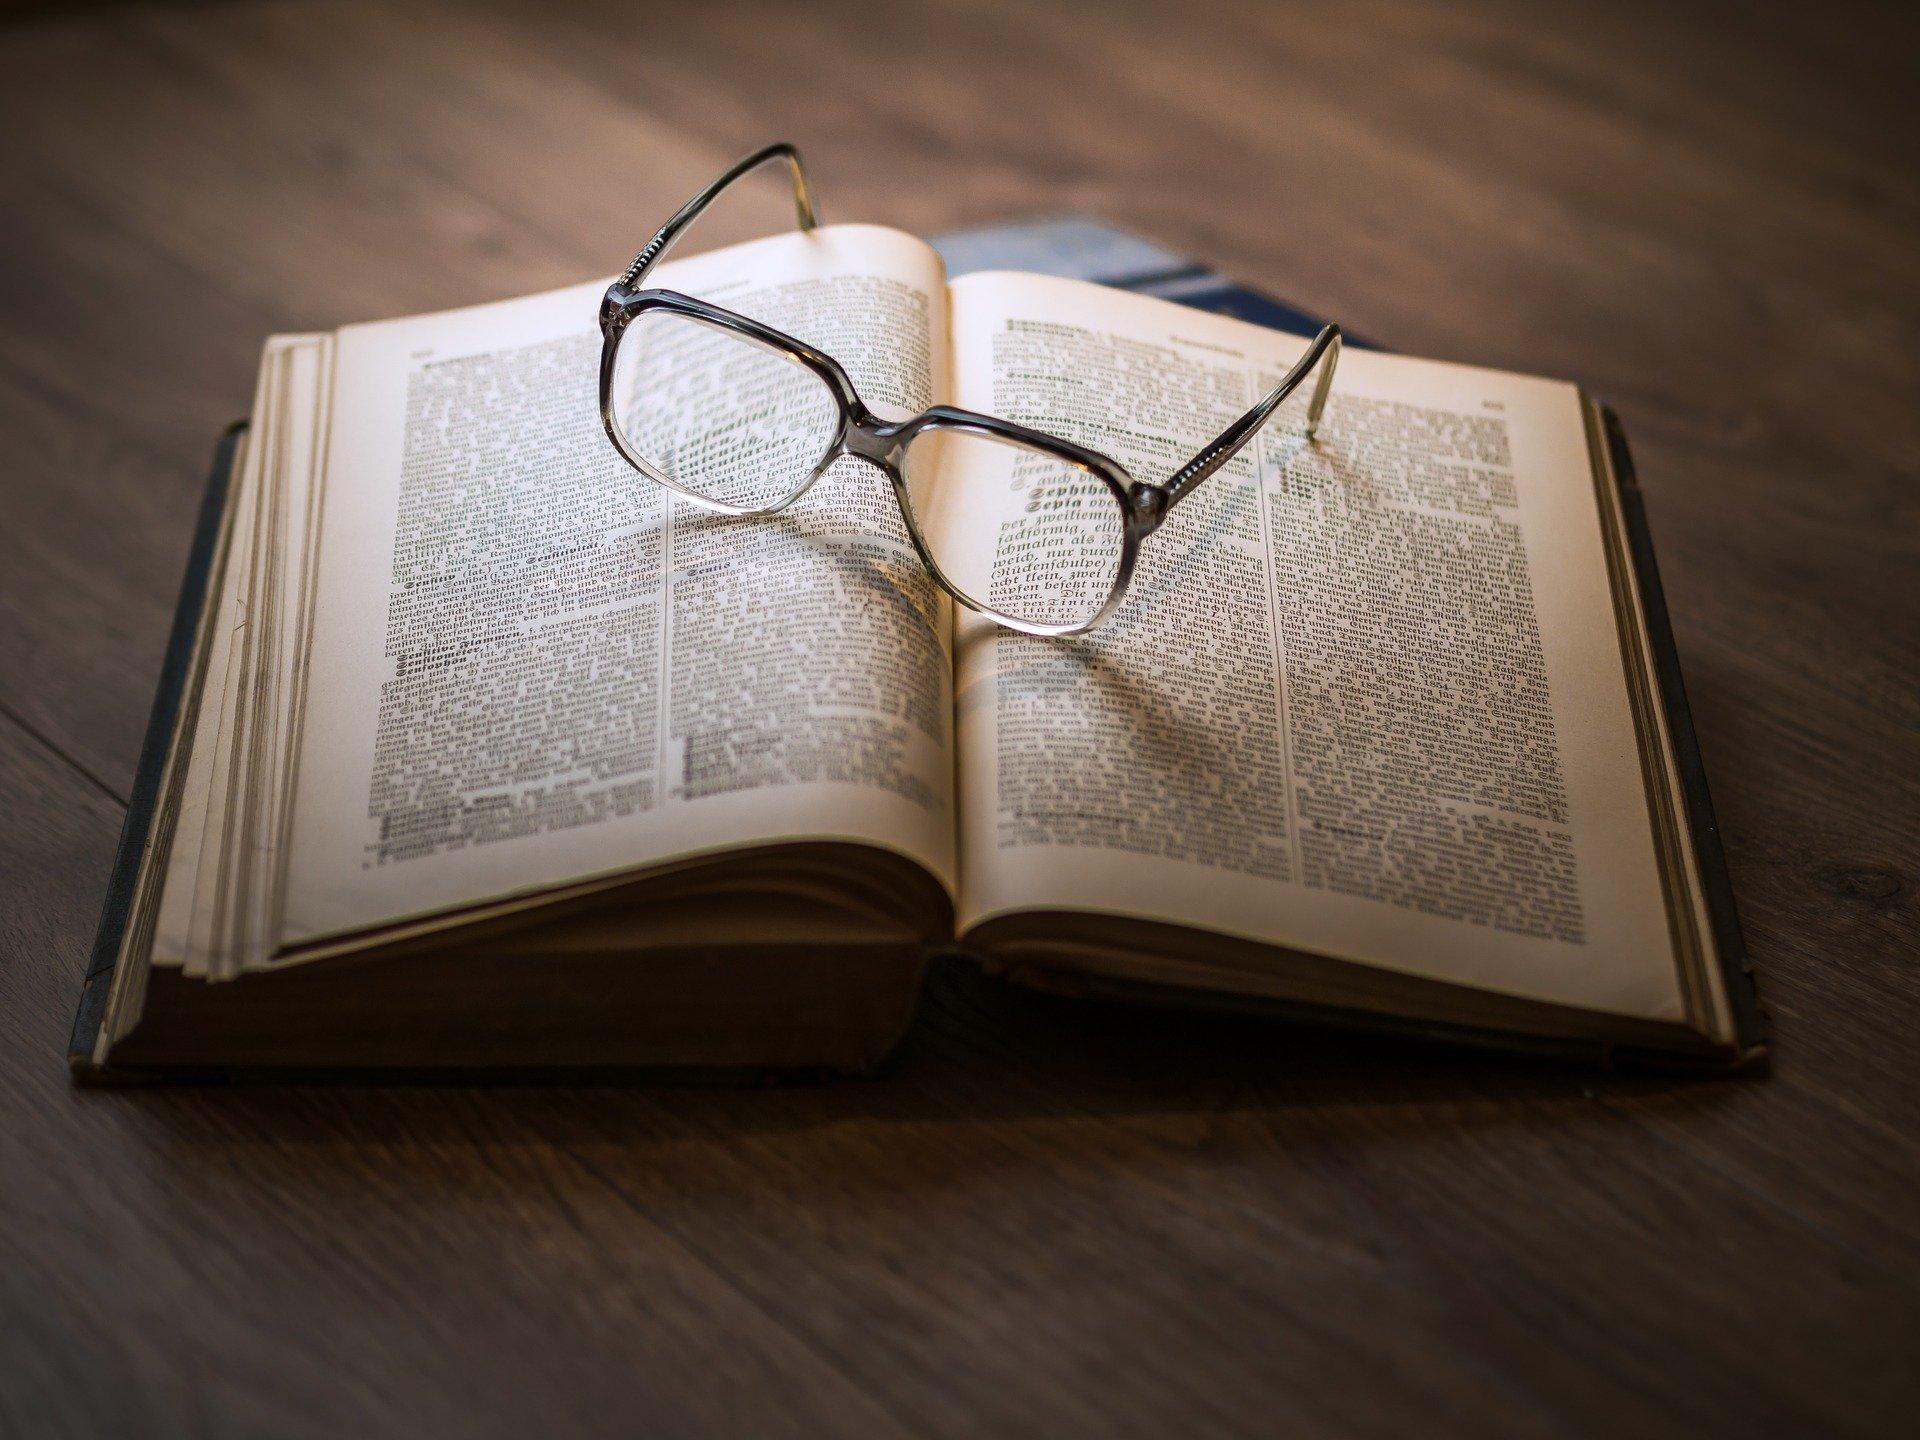 Comment j'ai appris à lire